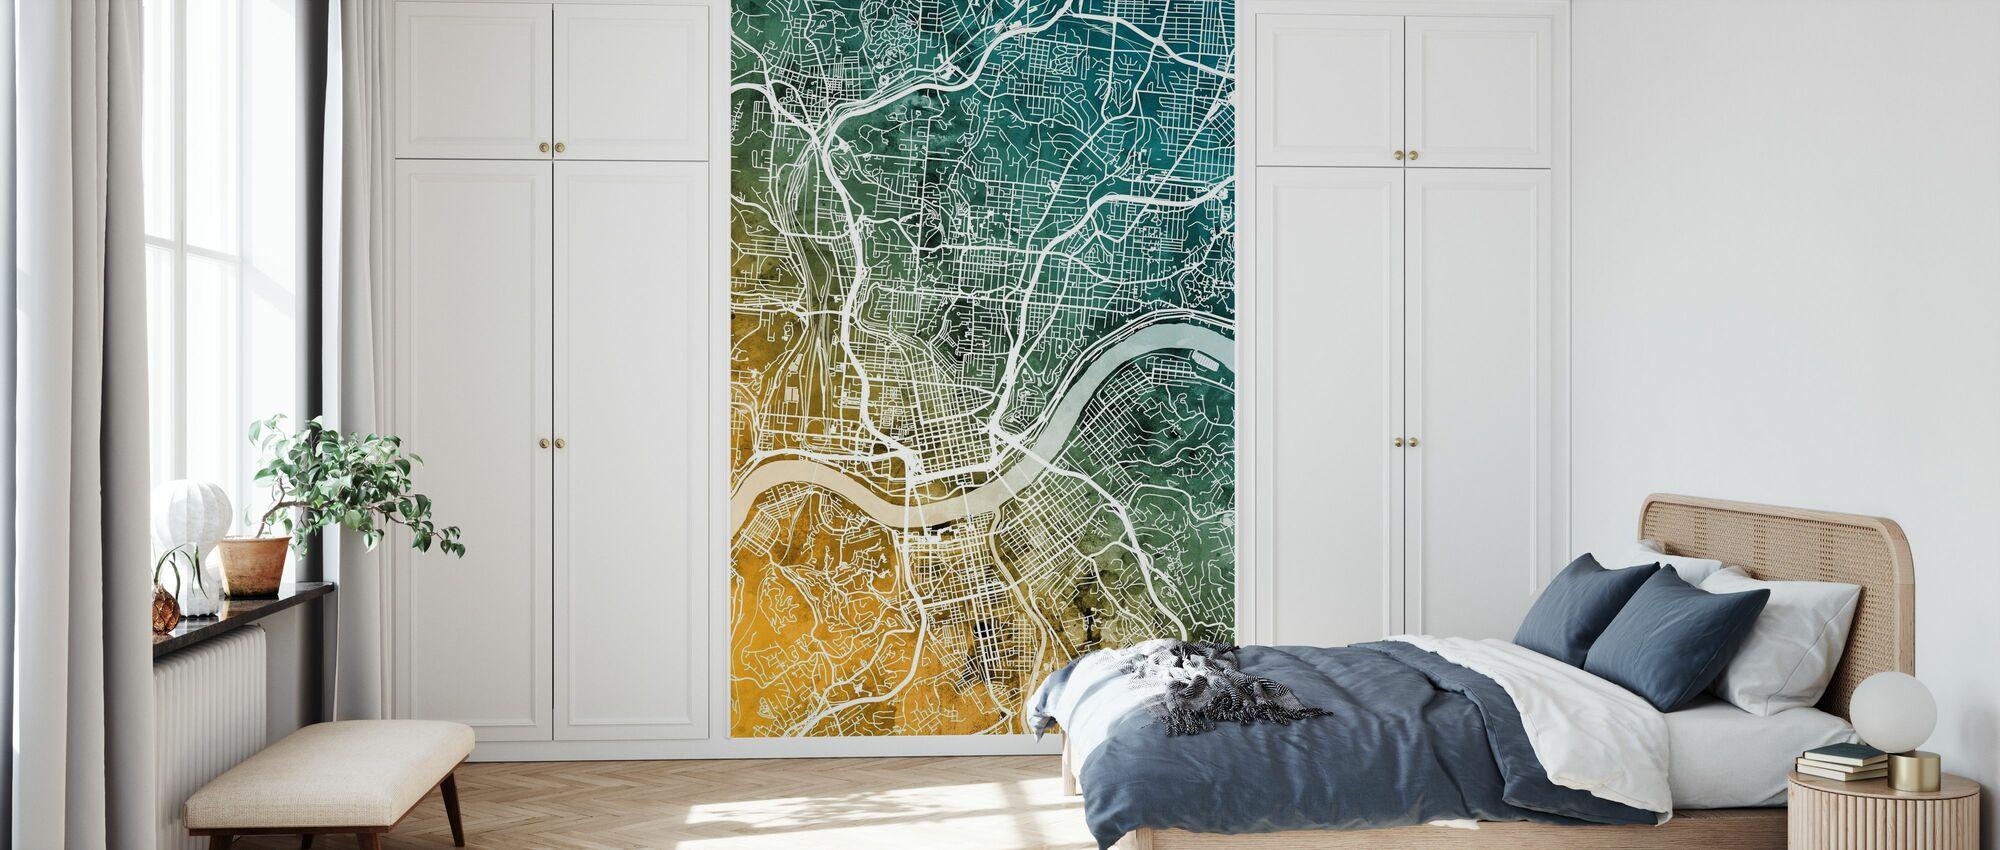 Cincinnati Ohio City Map - Wallpaper - Bedroom